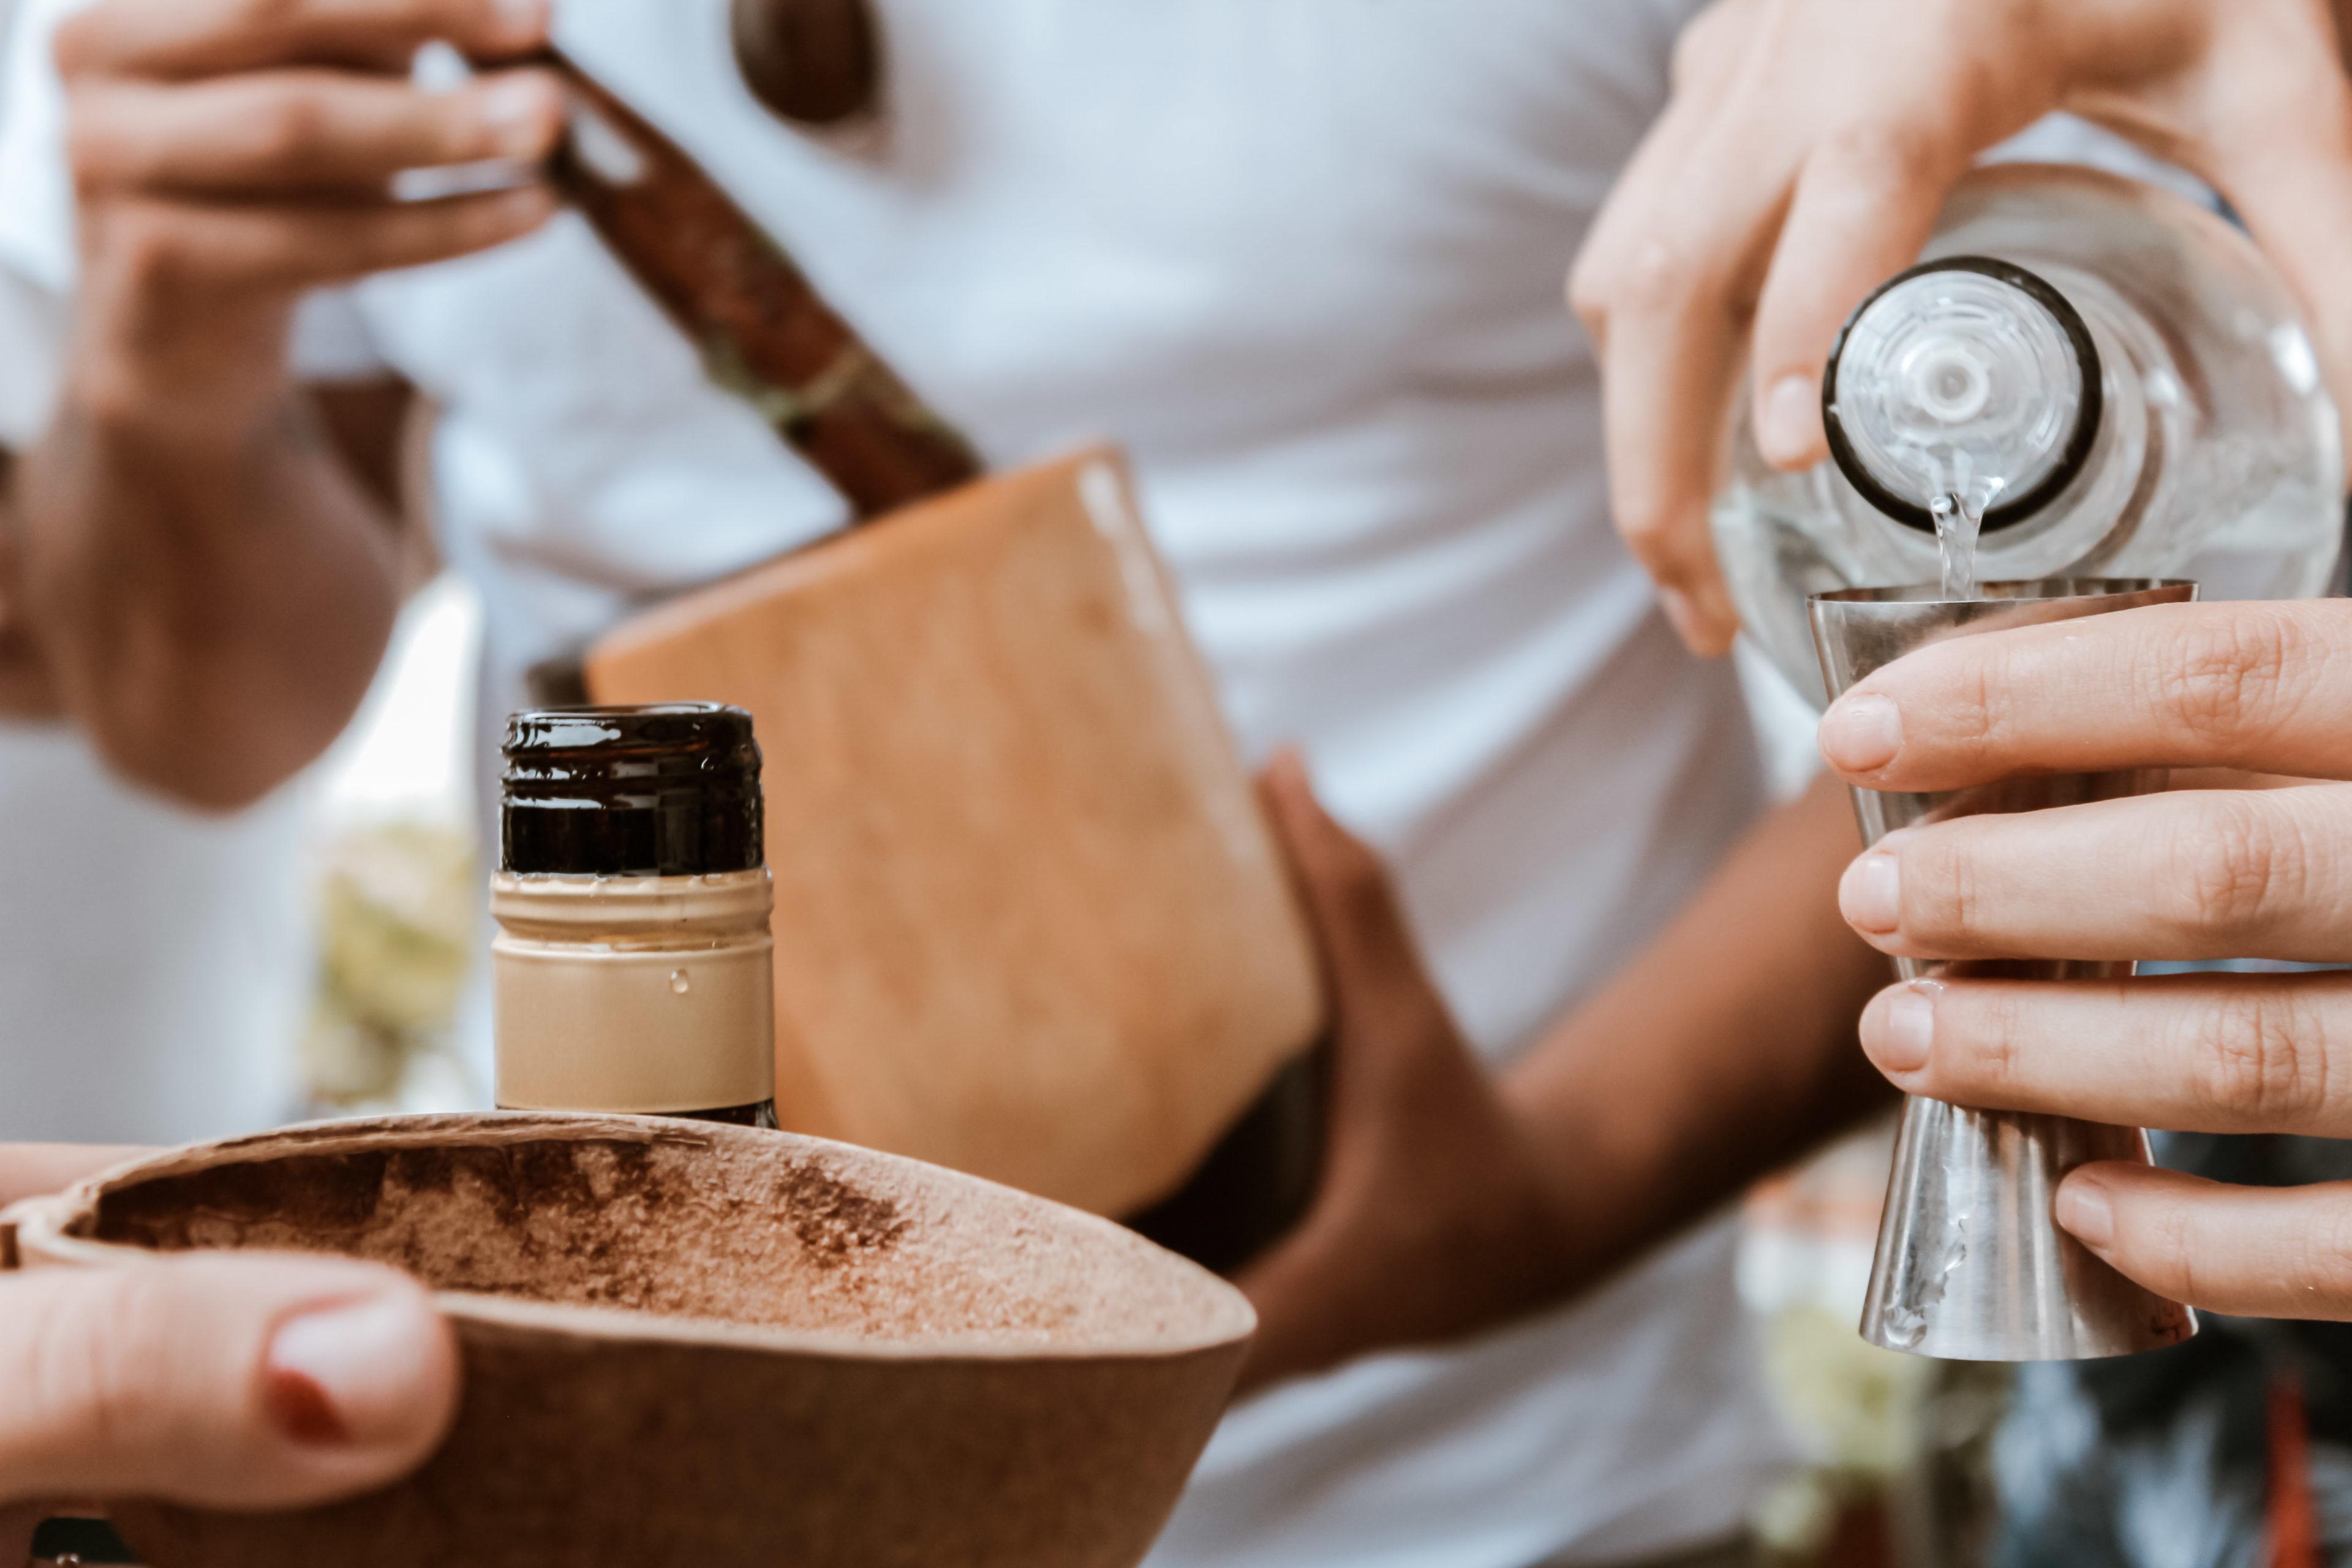 Kuba-Reisende Cocktails aus Rum mixen in einem Cocktail-Workshop